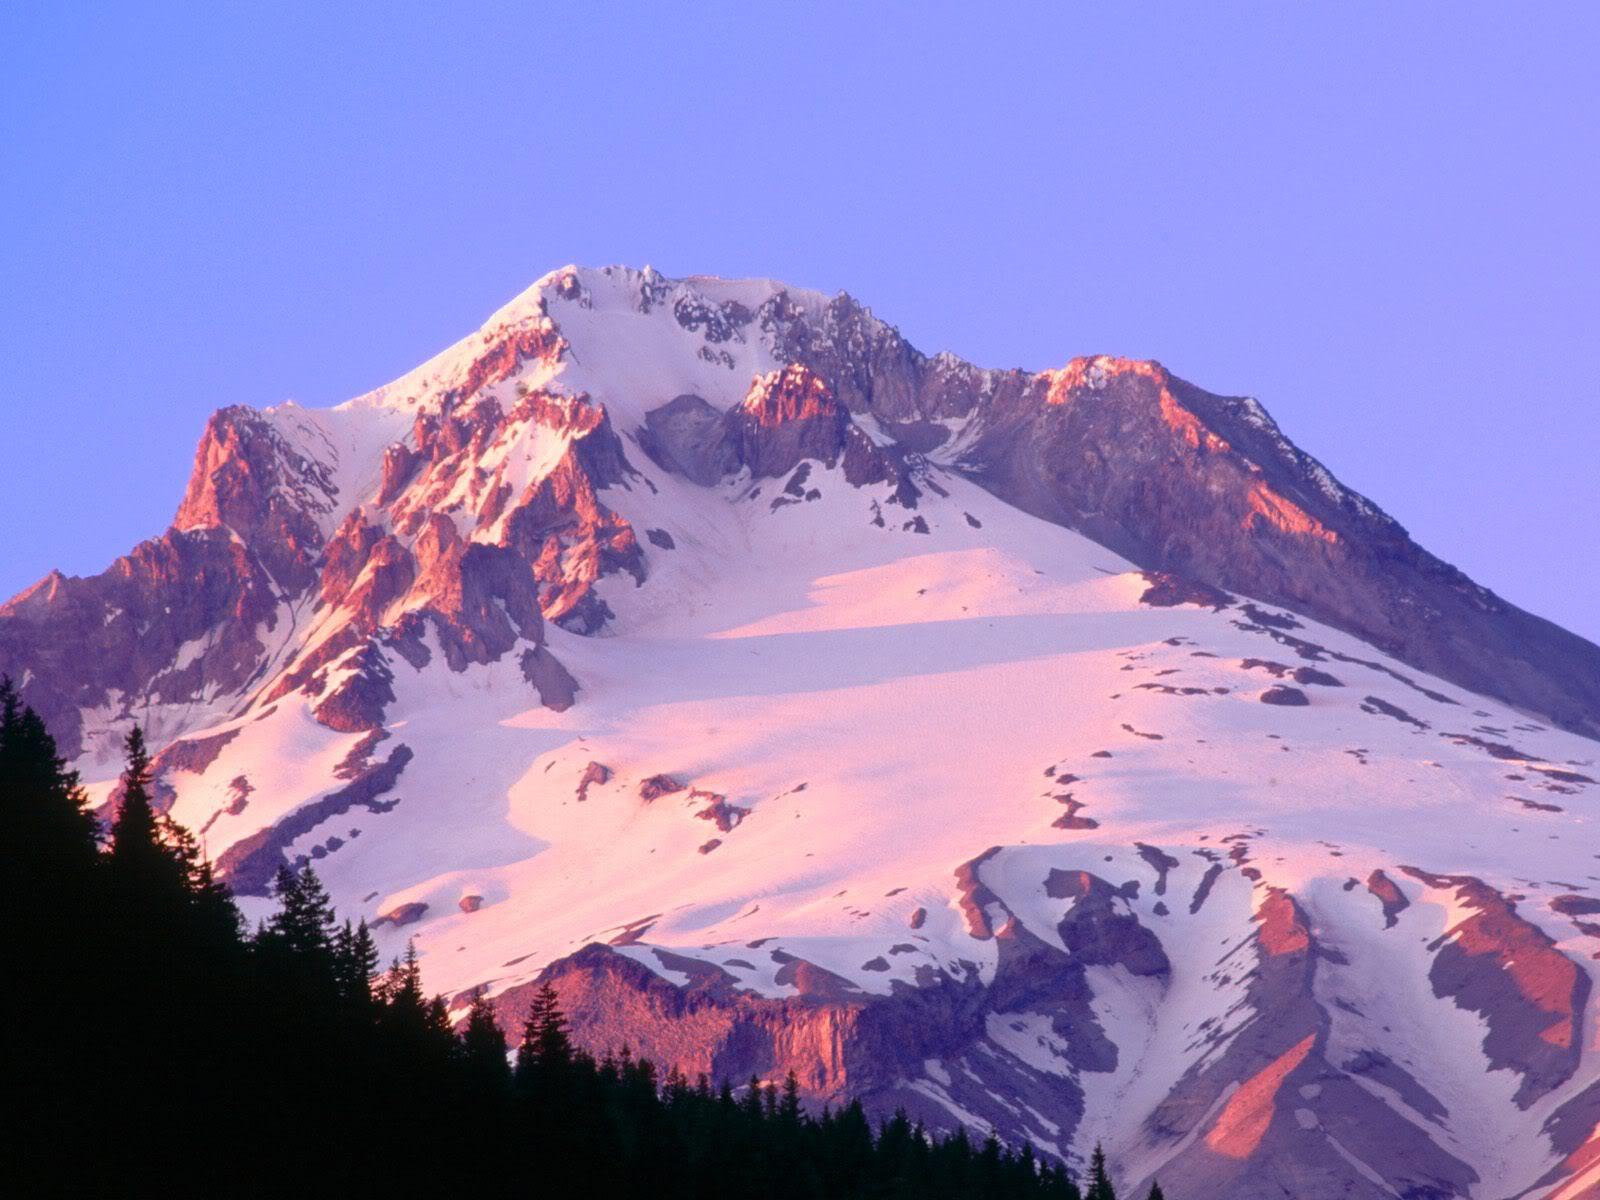 அழகு மலைகளின் காட்சிகள் சில.....02 - Page 22 AlpenglowontheSlopesofMountHoodOreg